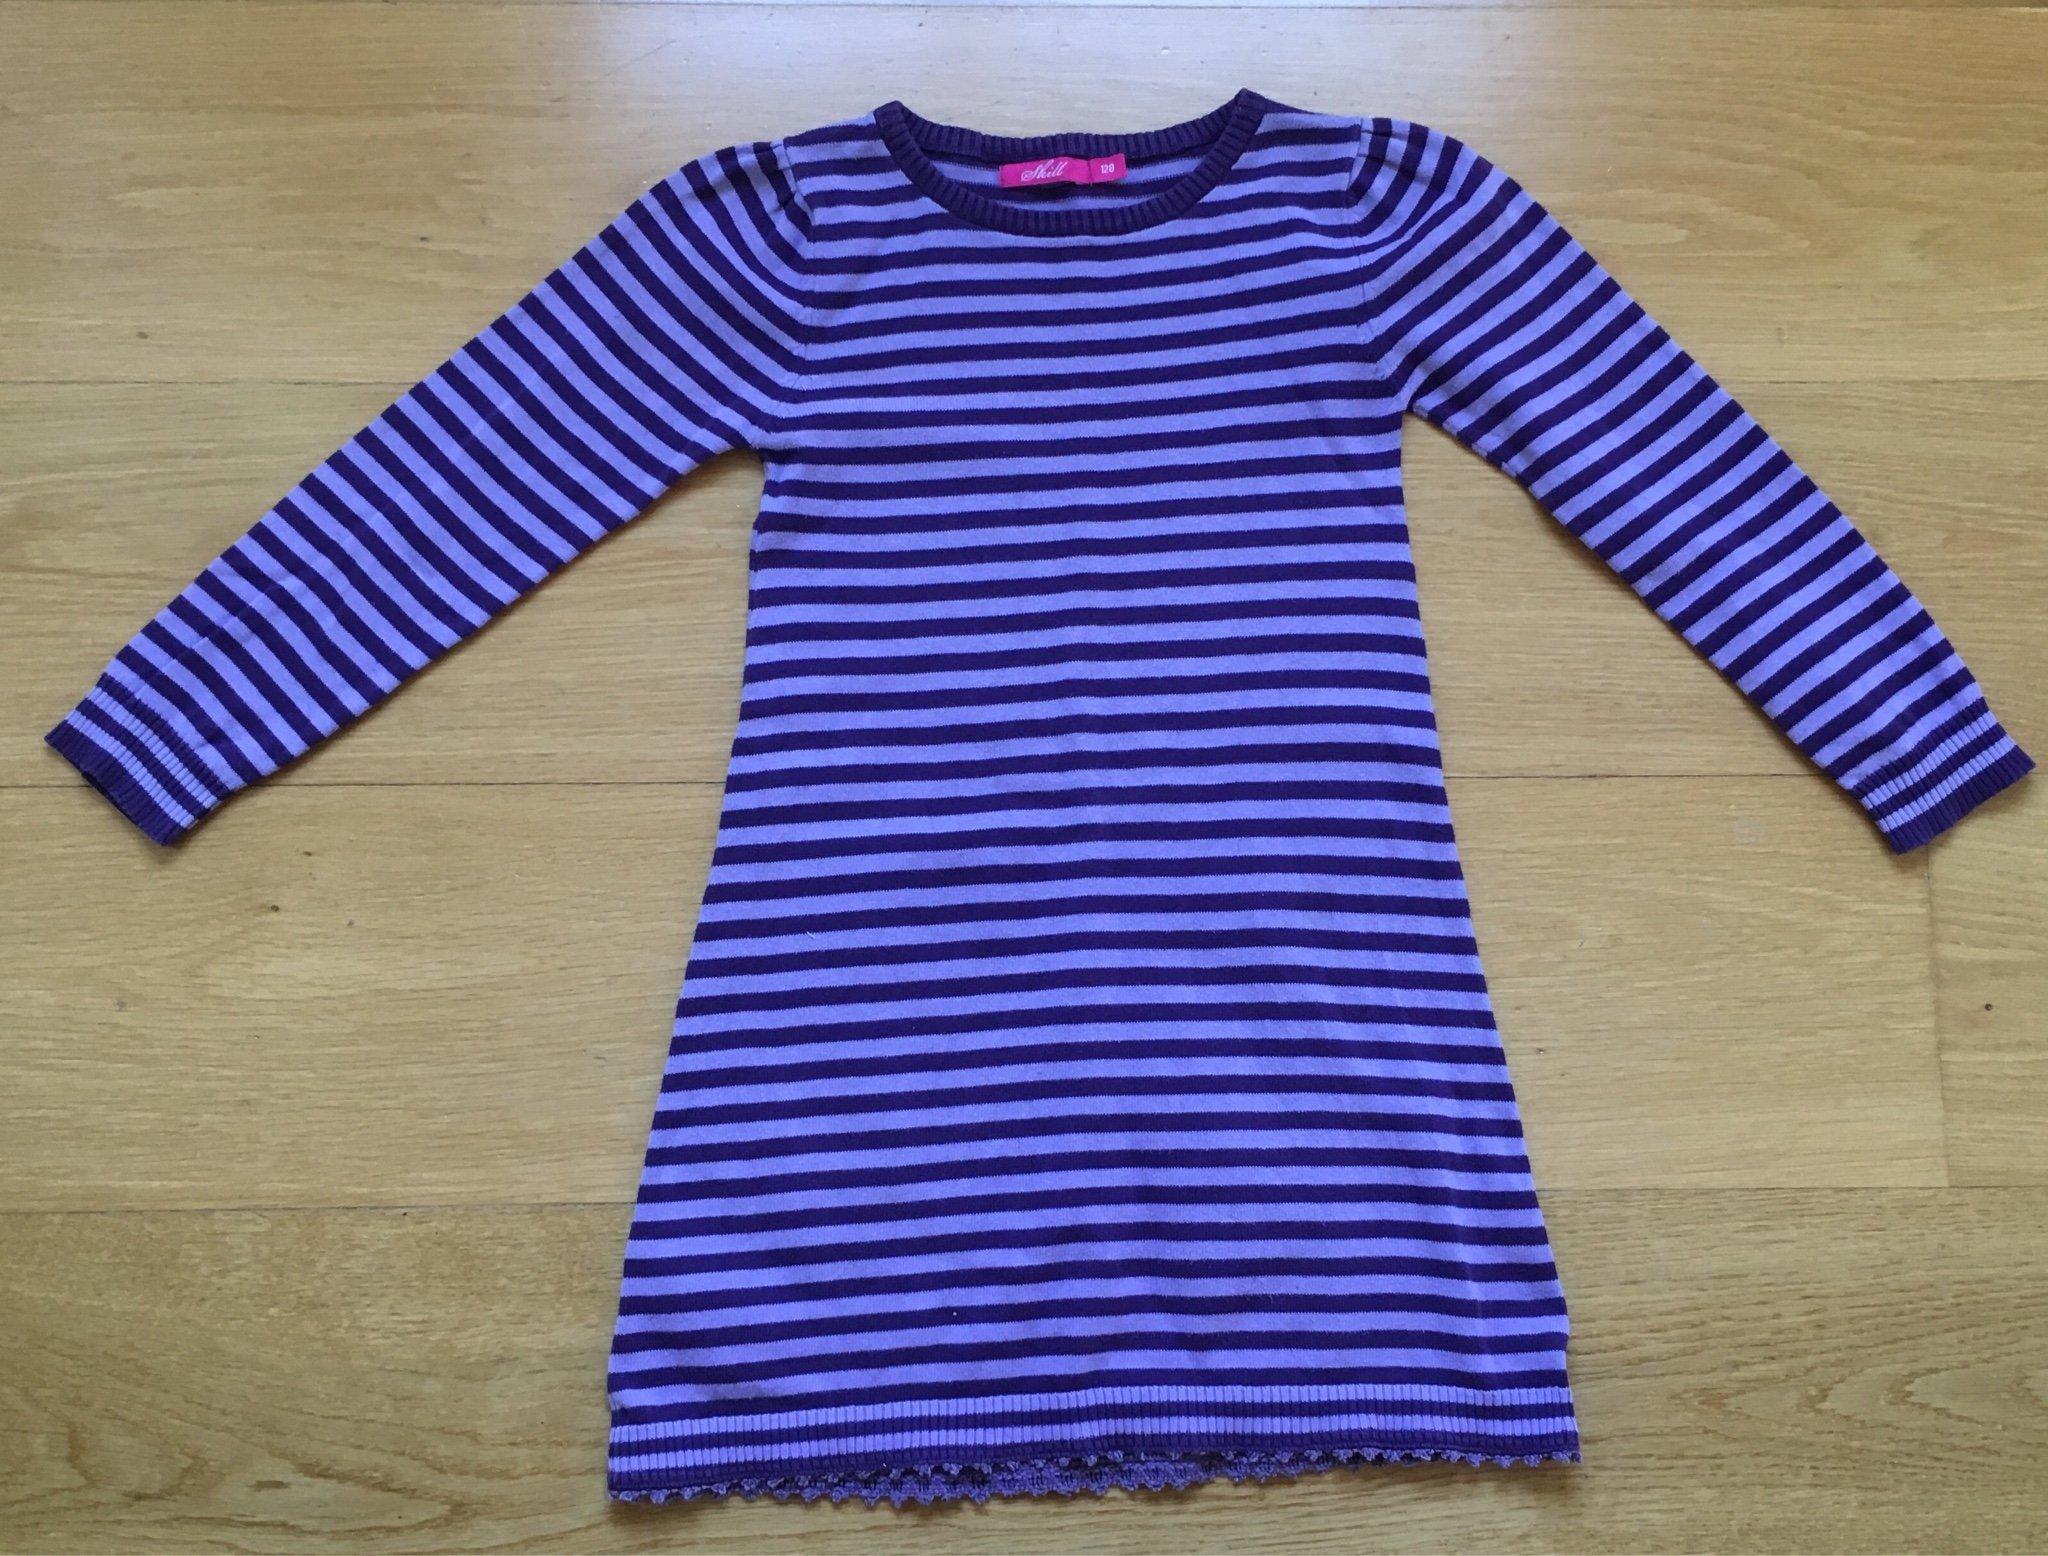 32bc9a43995d Randig lila klänning, strl. 128 (348858210) ᐈ Köp på Tradera